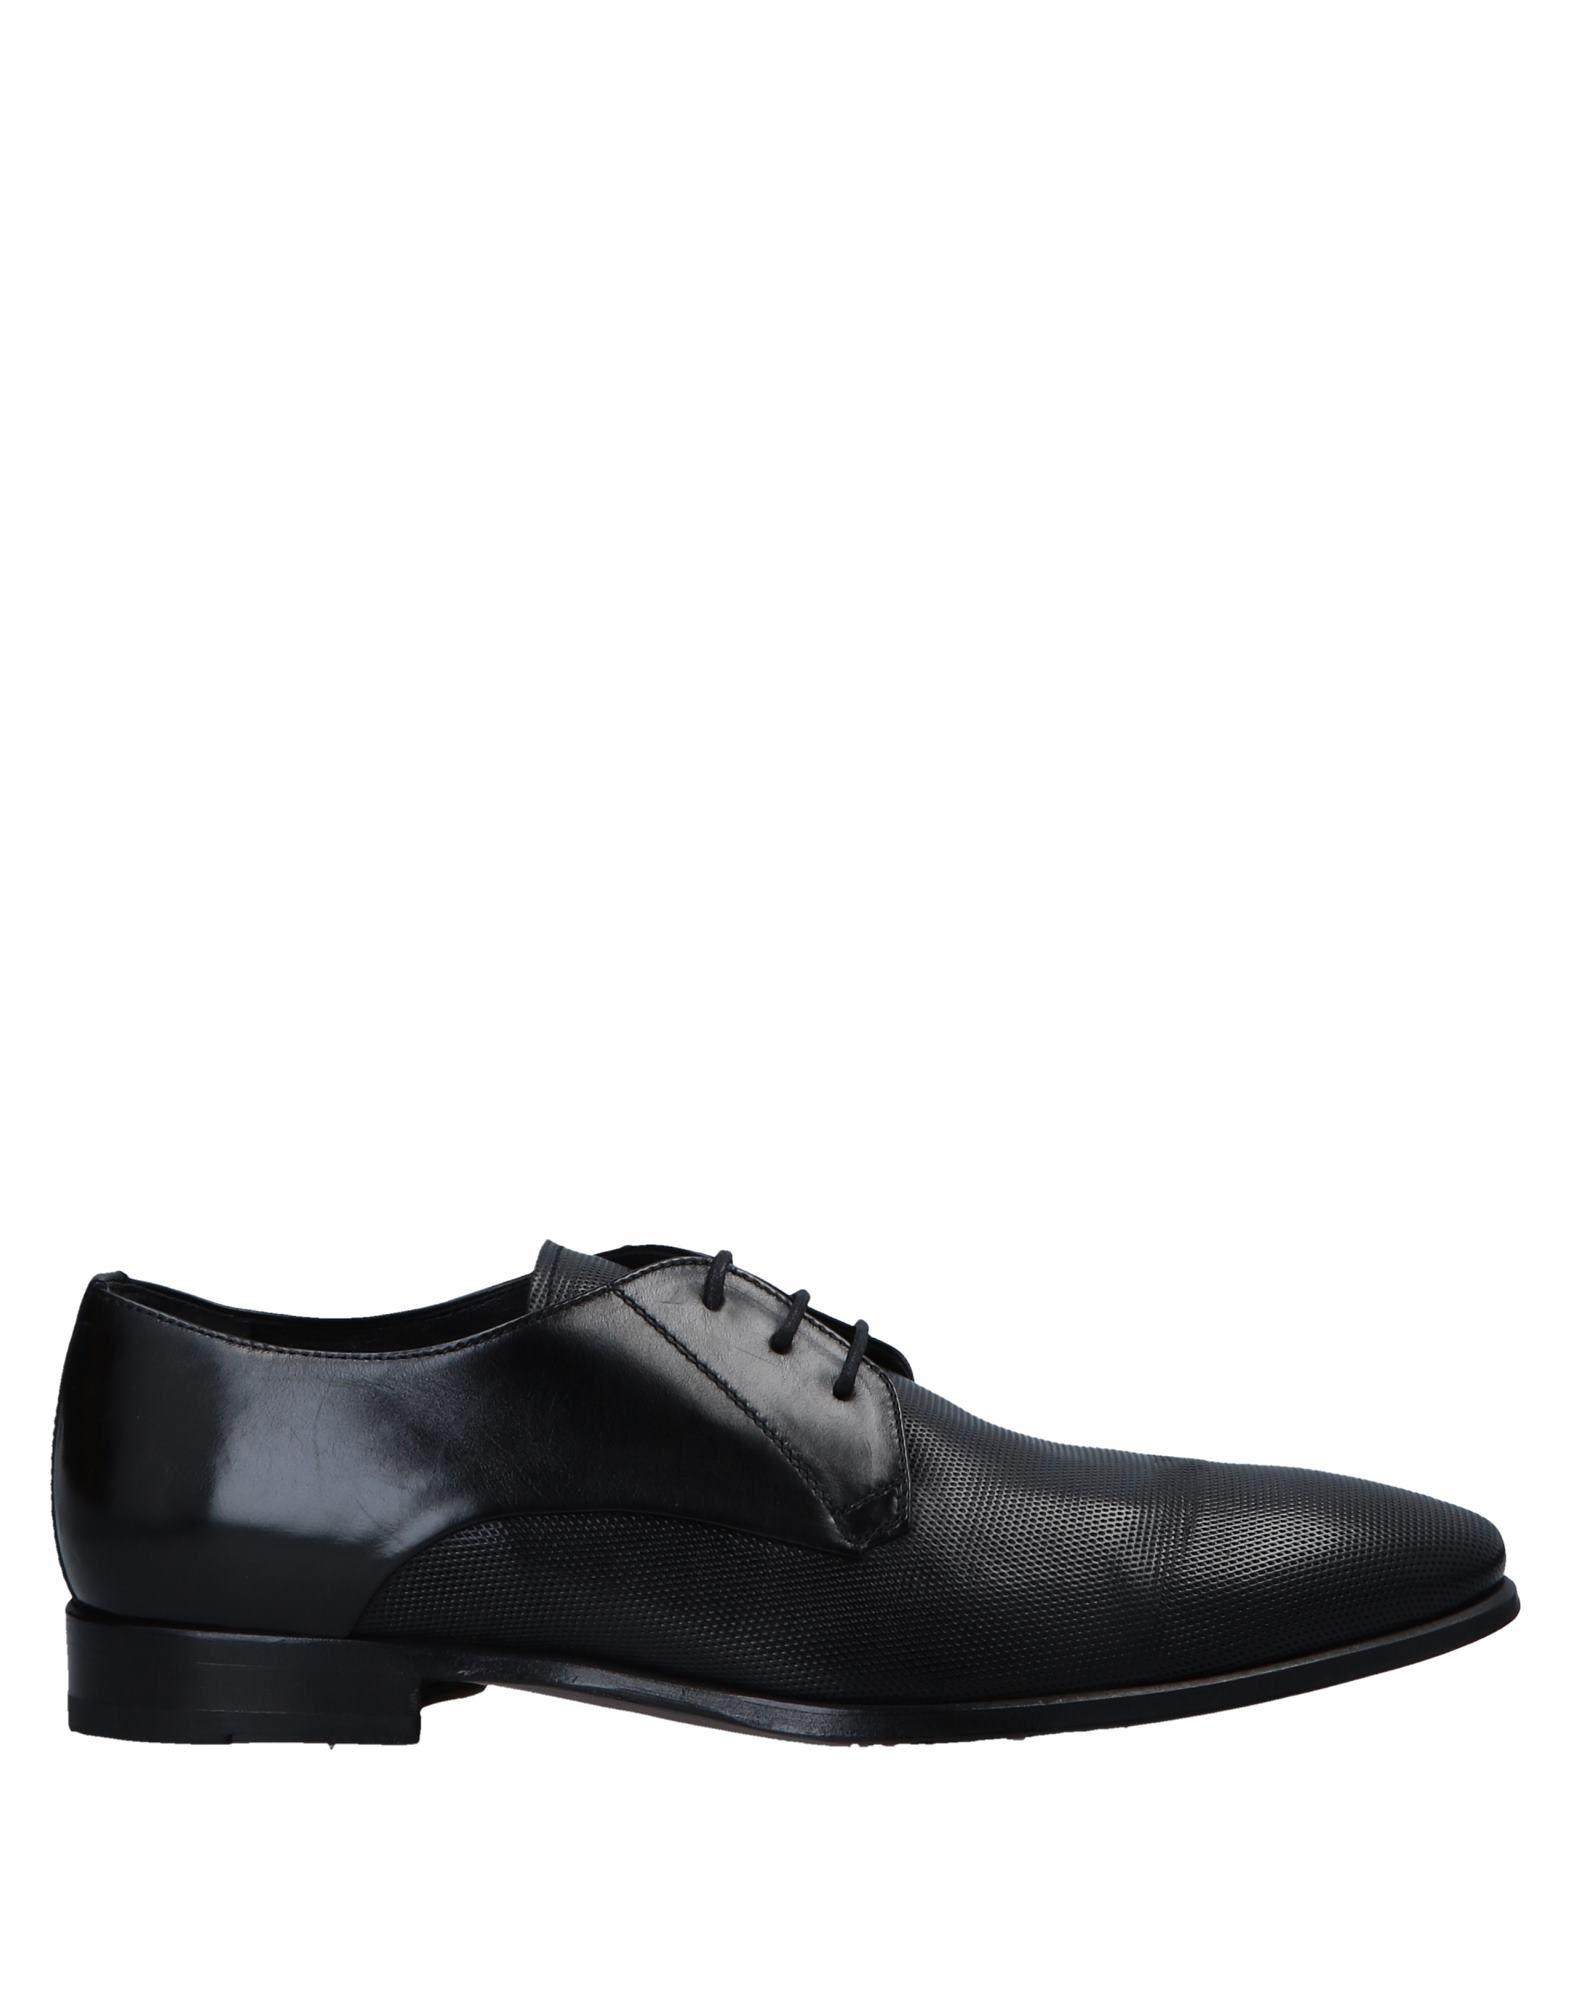 Calpierre Schnürschuhe Herren  11551920CW Gute Qualität beliebte Schuhe